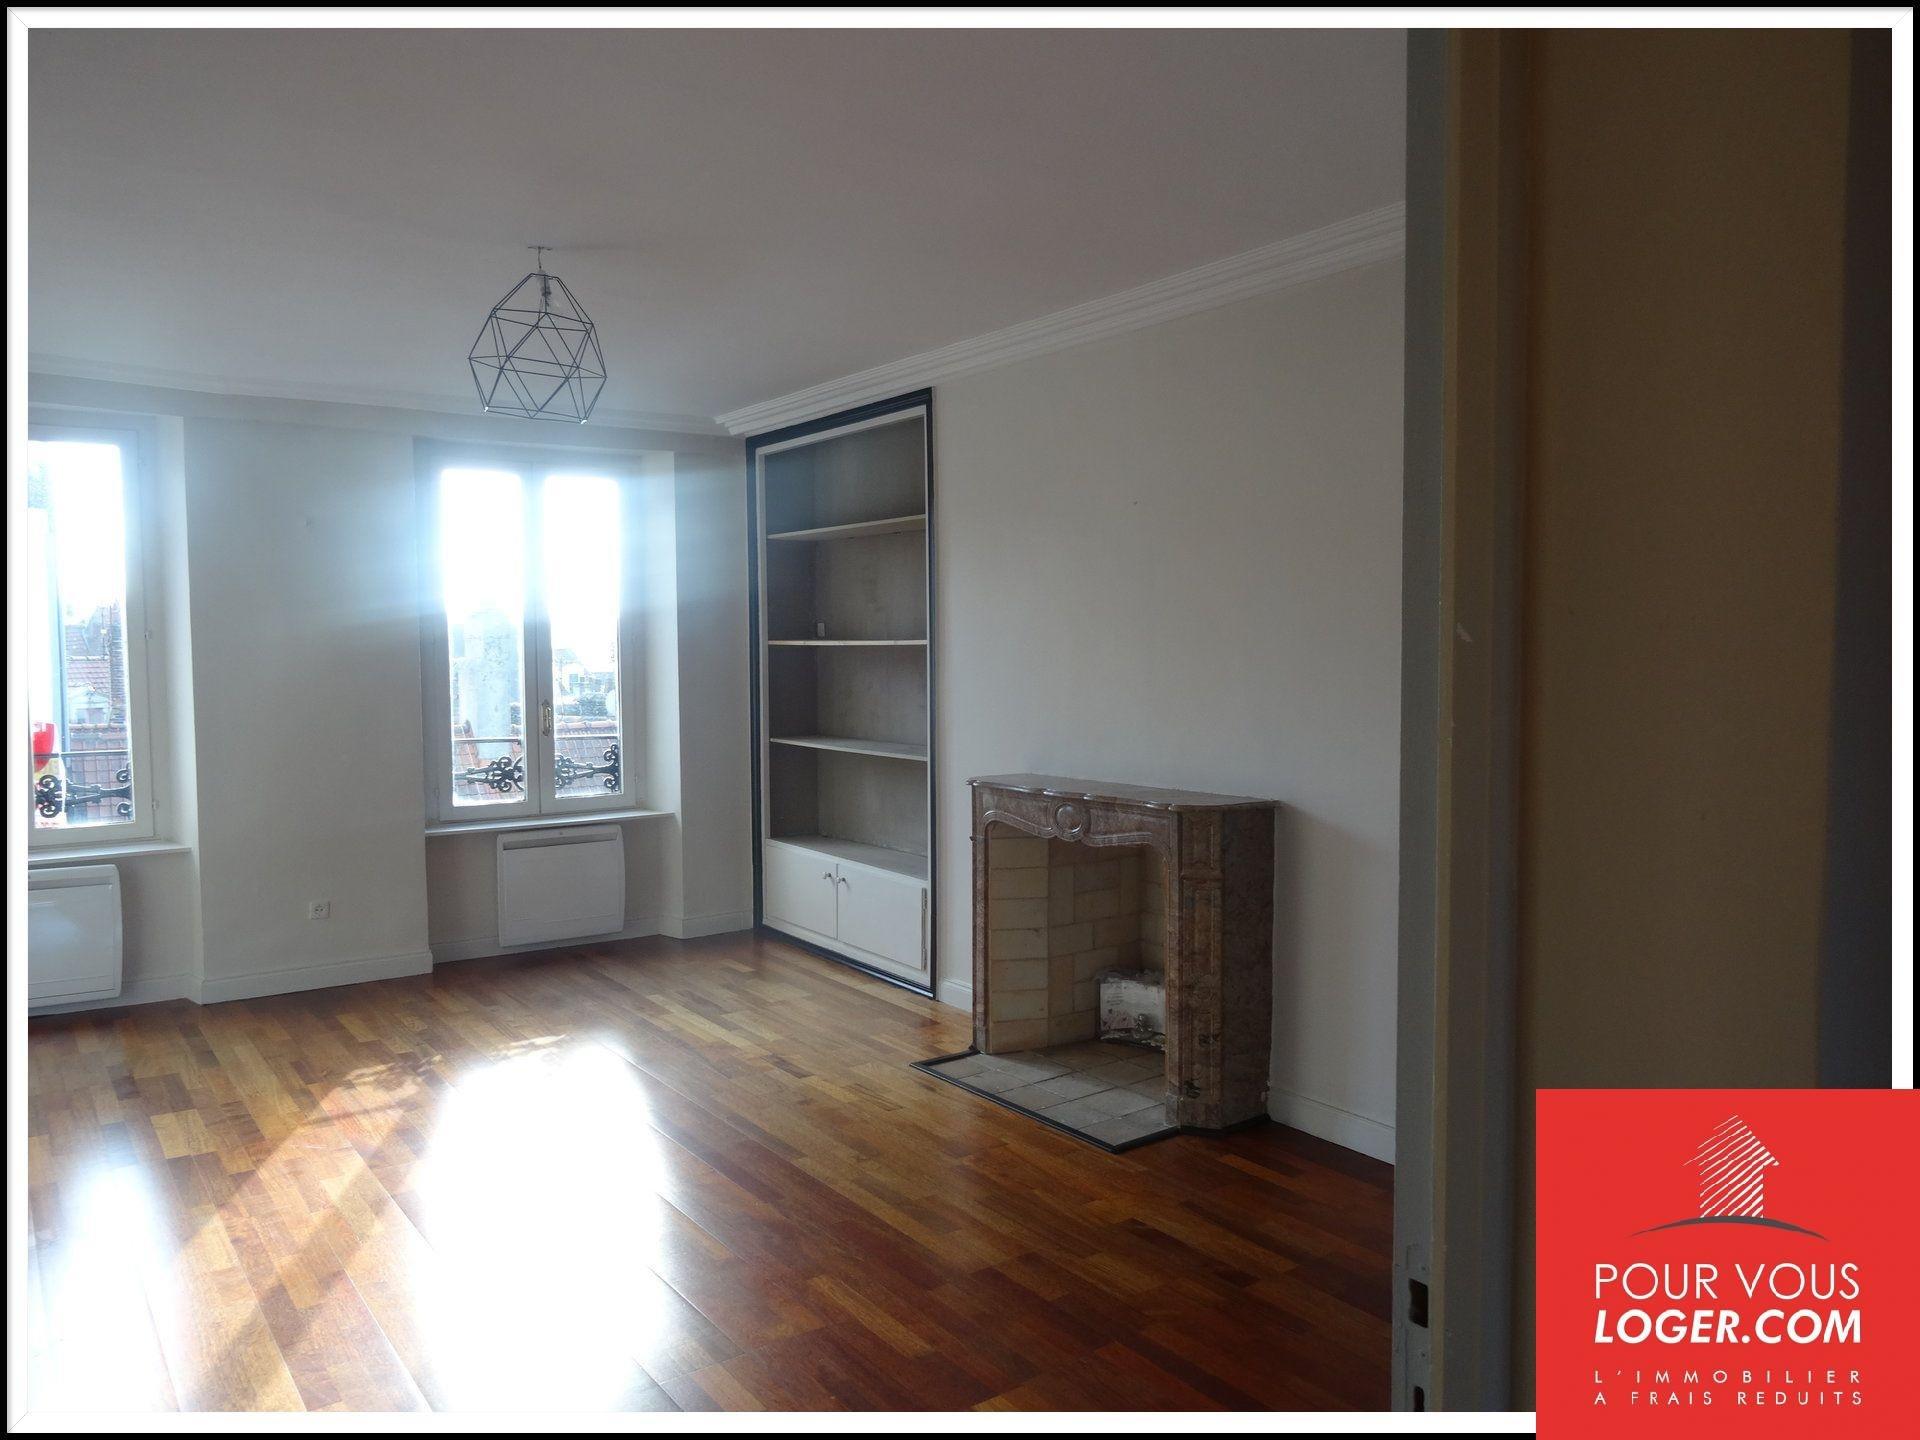 Bel appartement  spacieux idéalement situé